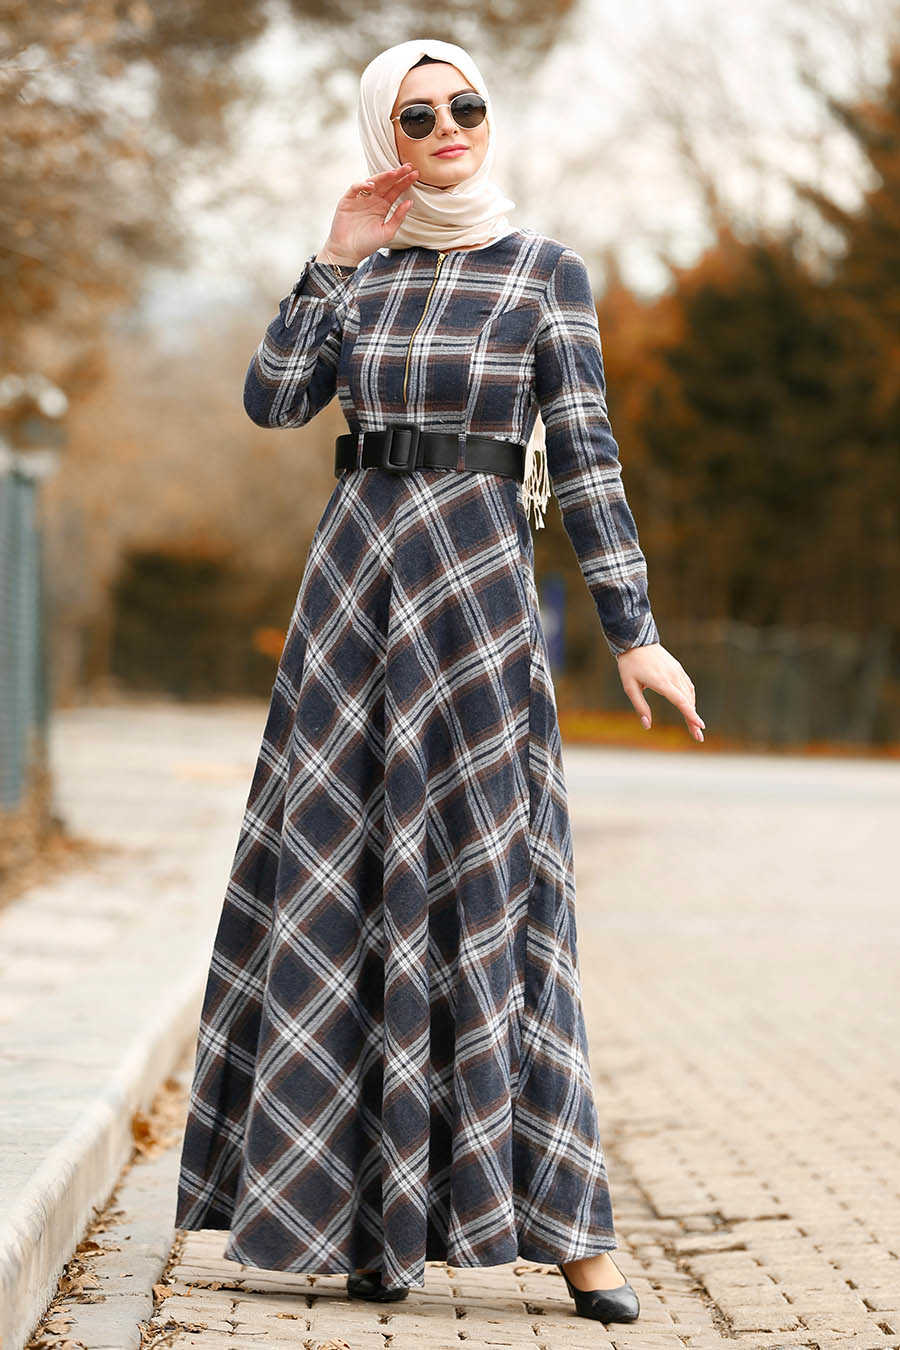 Fermuar Detaylı Ekoseli Kahverengi Tesettür Elbise 8387KH